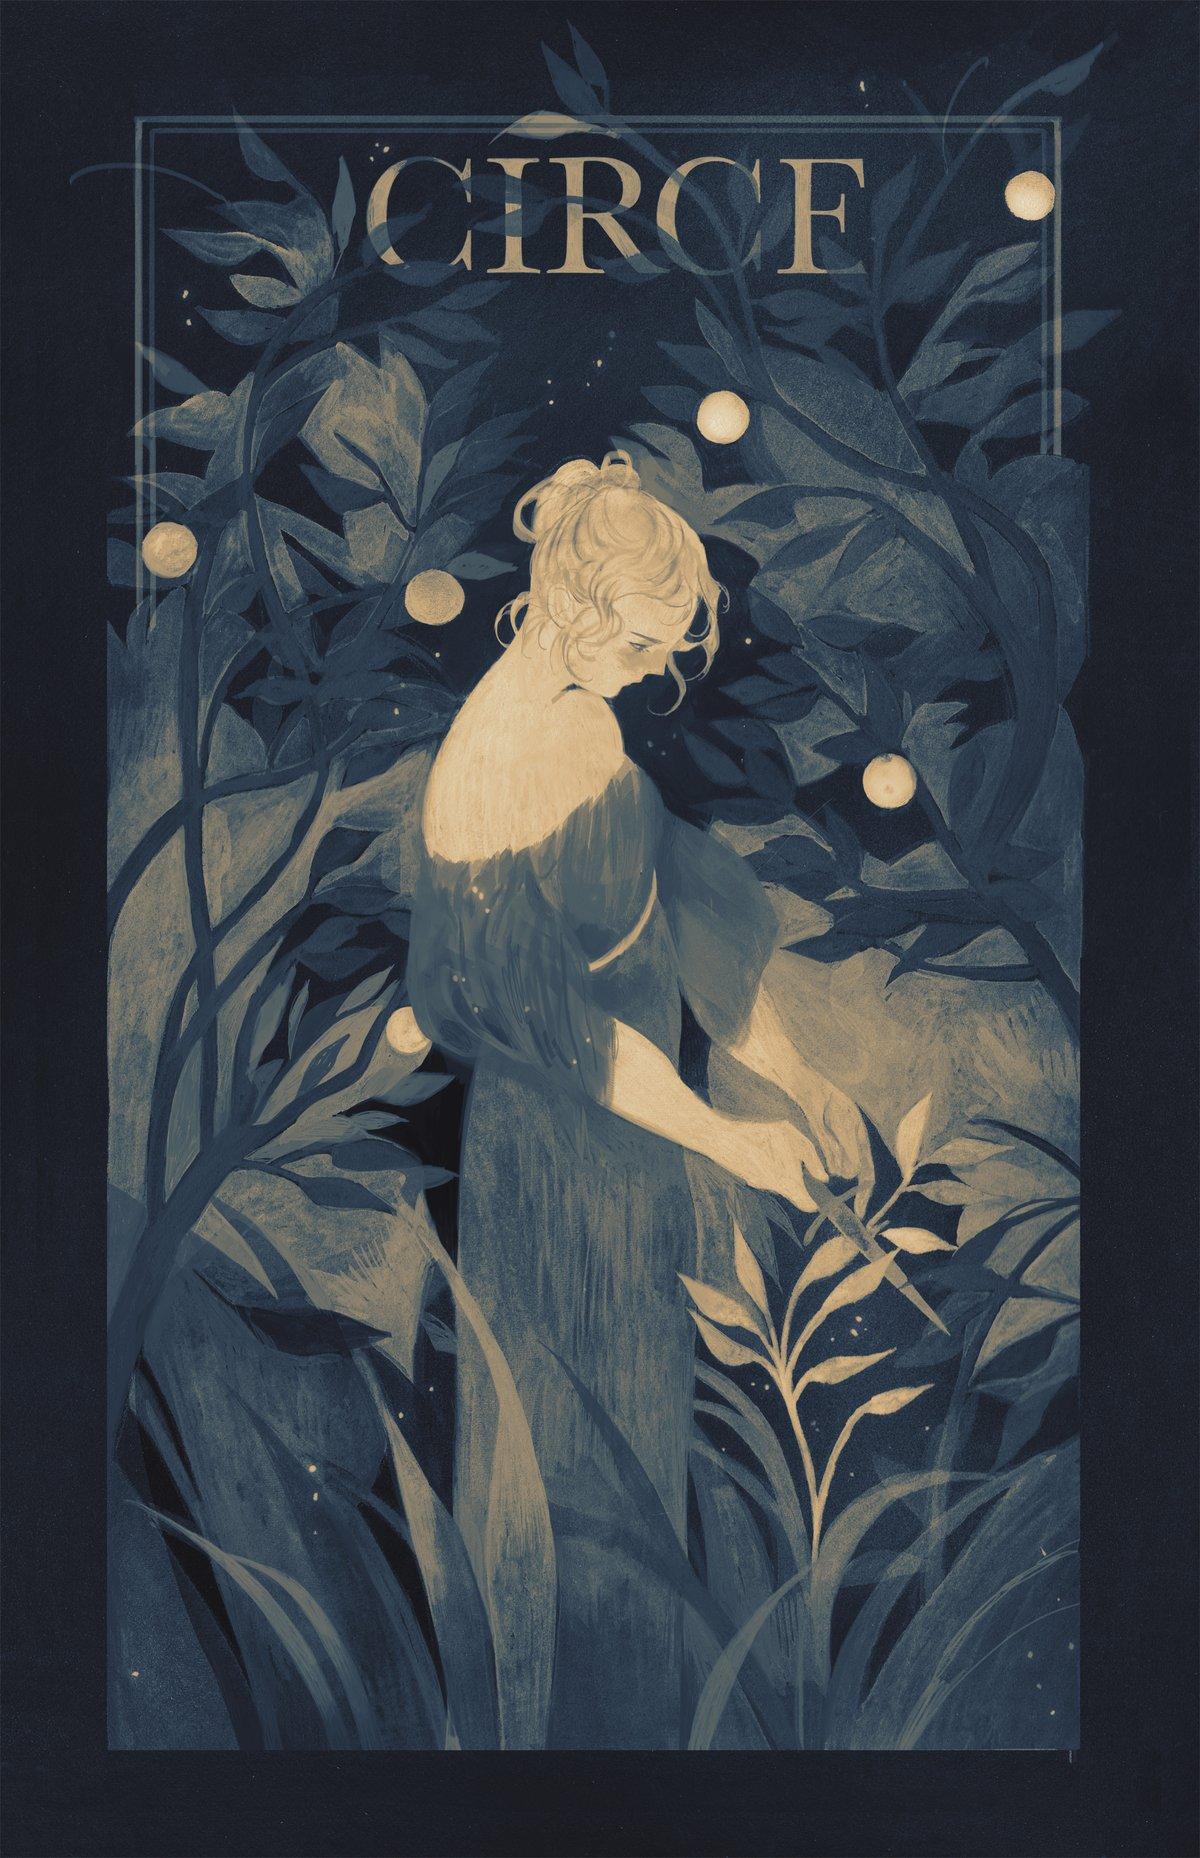 Image of The Goddess Circe